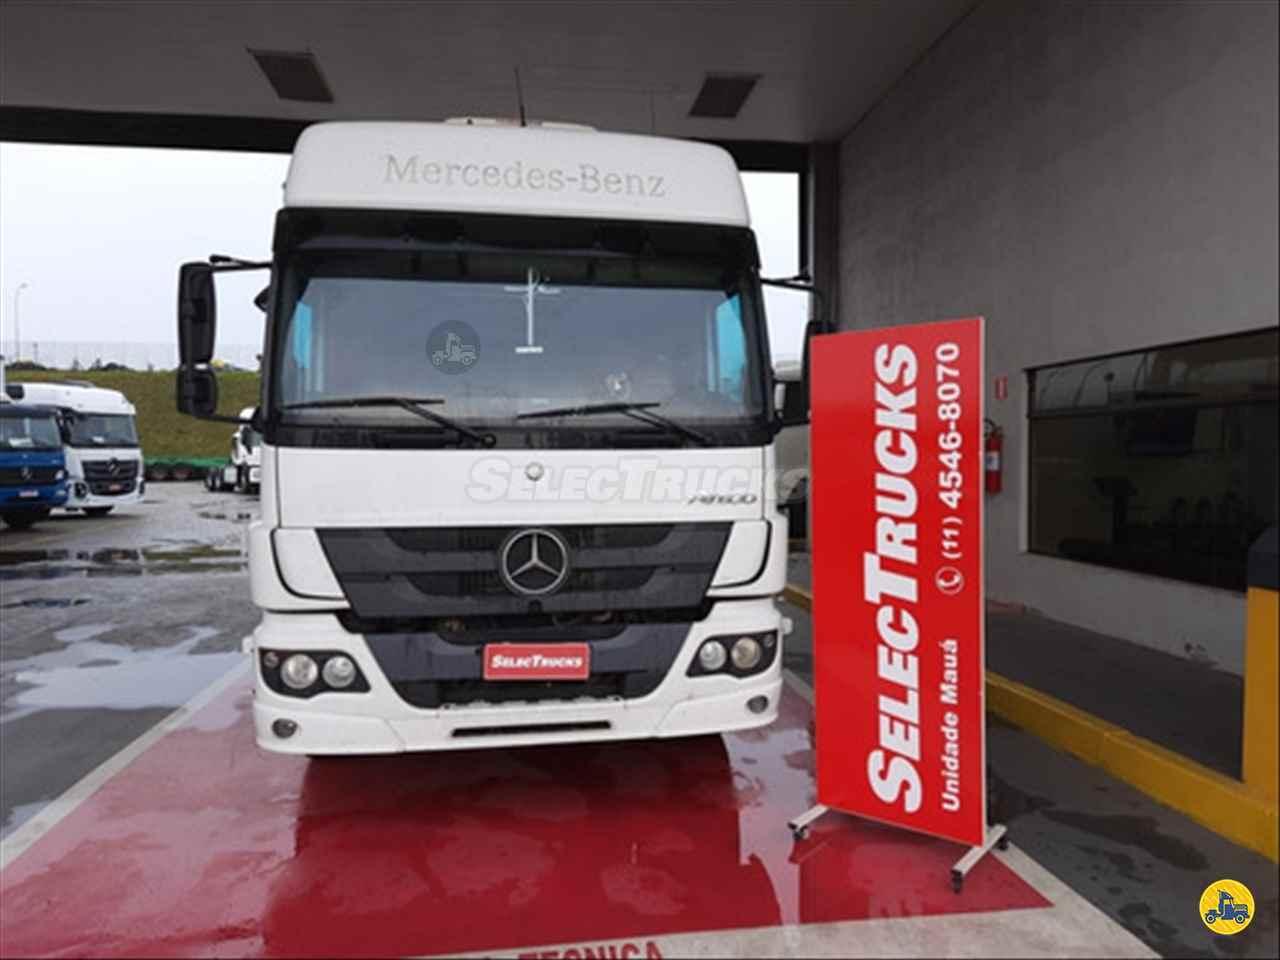 MERCEDES-BENZ MB 2430 720000km 2015/2015 SelecTrucks - Mauá SP - Matriz